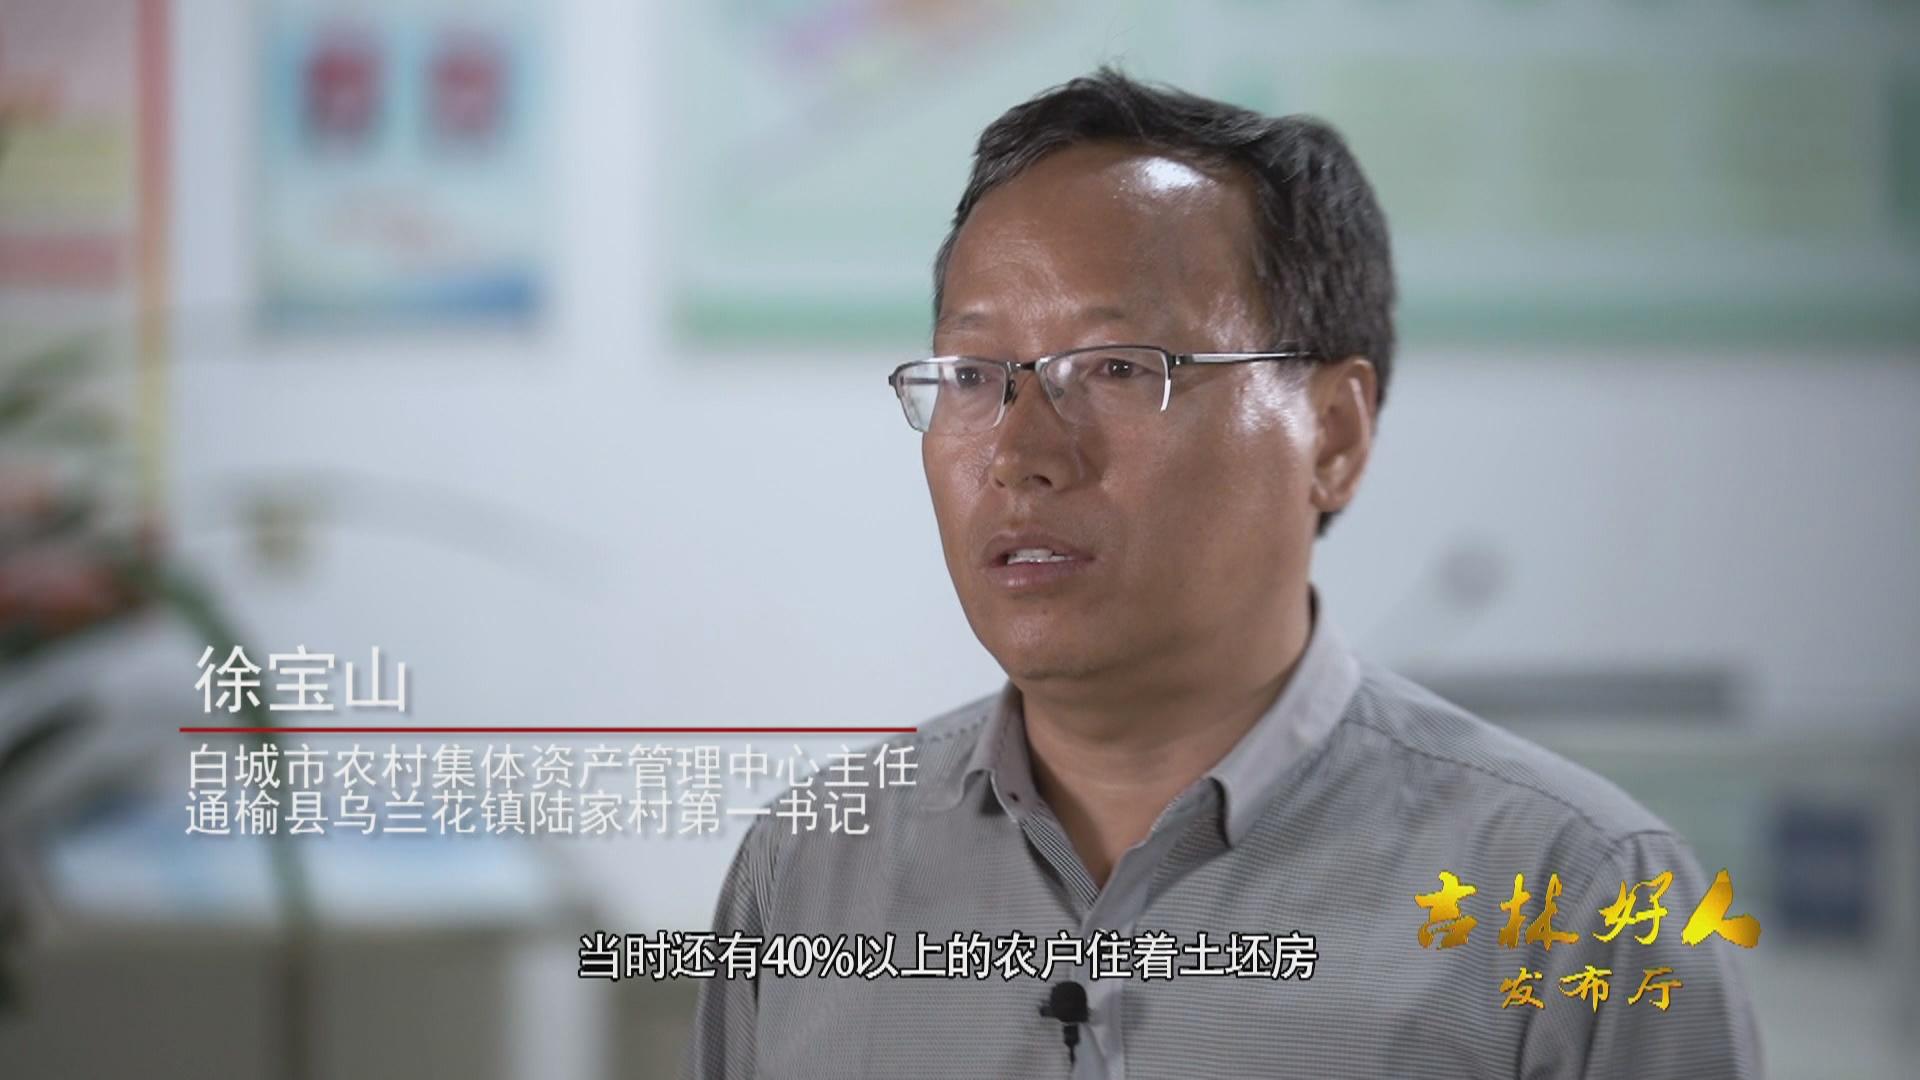 吉林好人之徐宝山